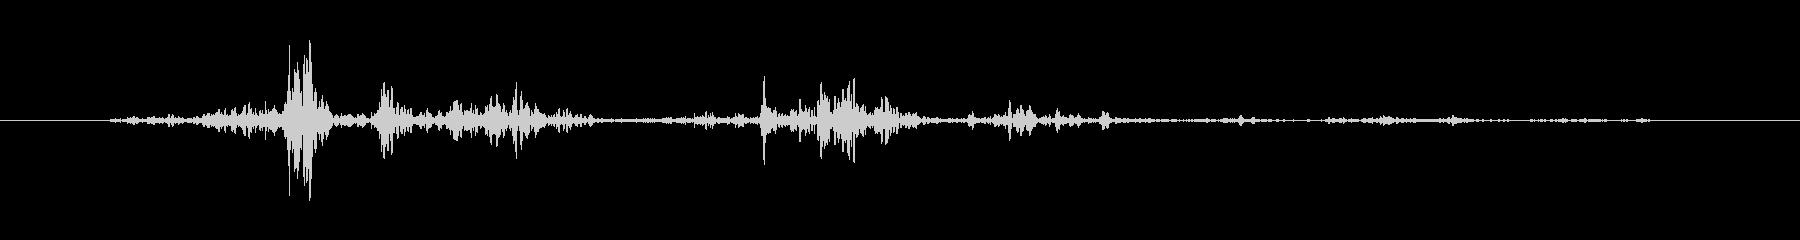 フラグ ミディアムフラップ04の未再生の波形